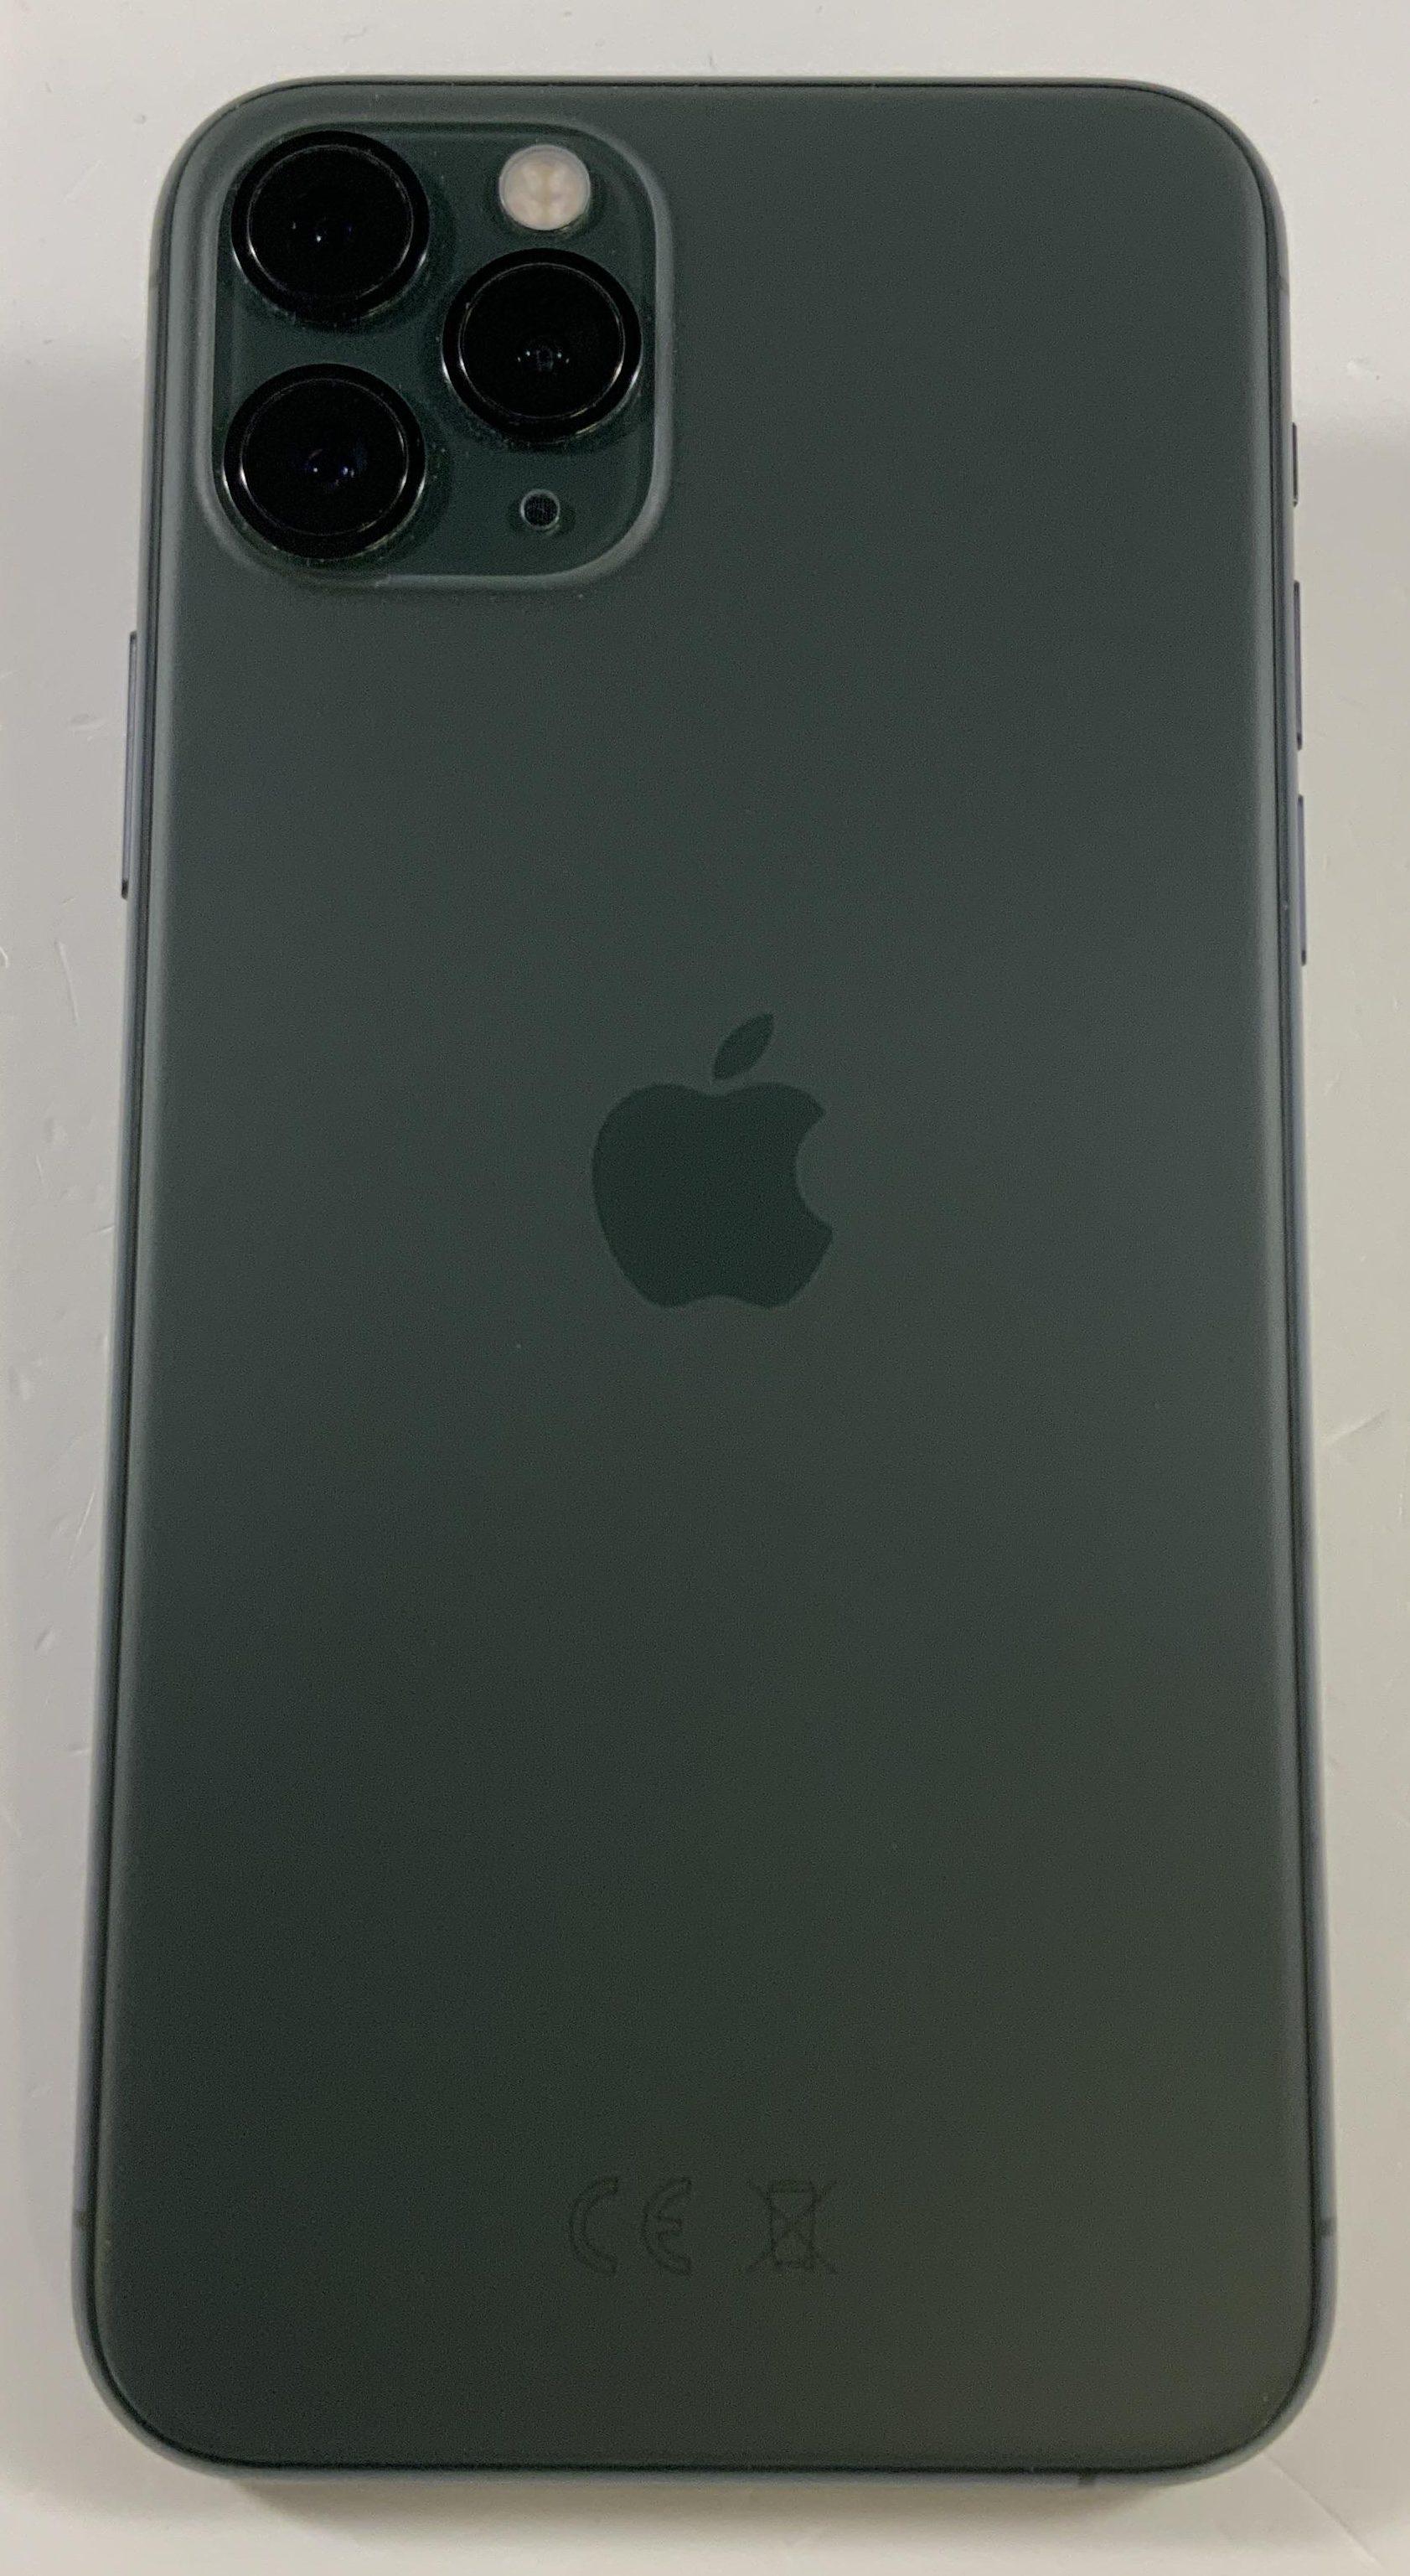 iPhone 11 Pro 256GB, 256GB, Midnight Green, immagine 2